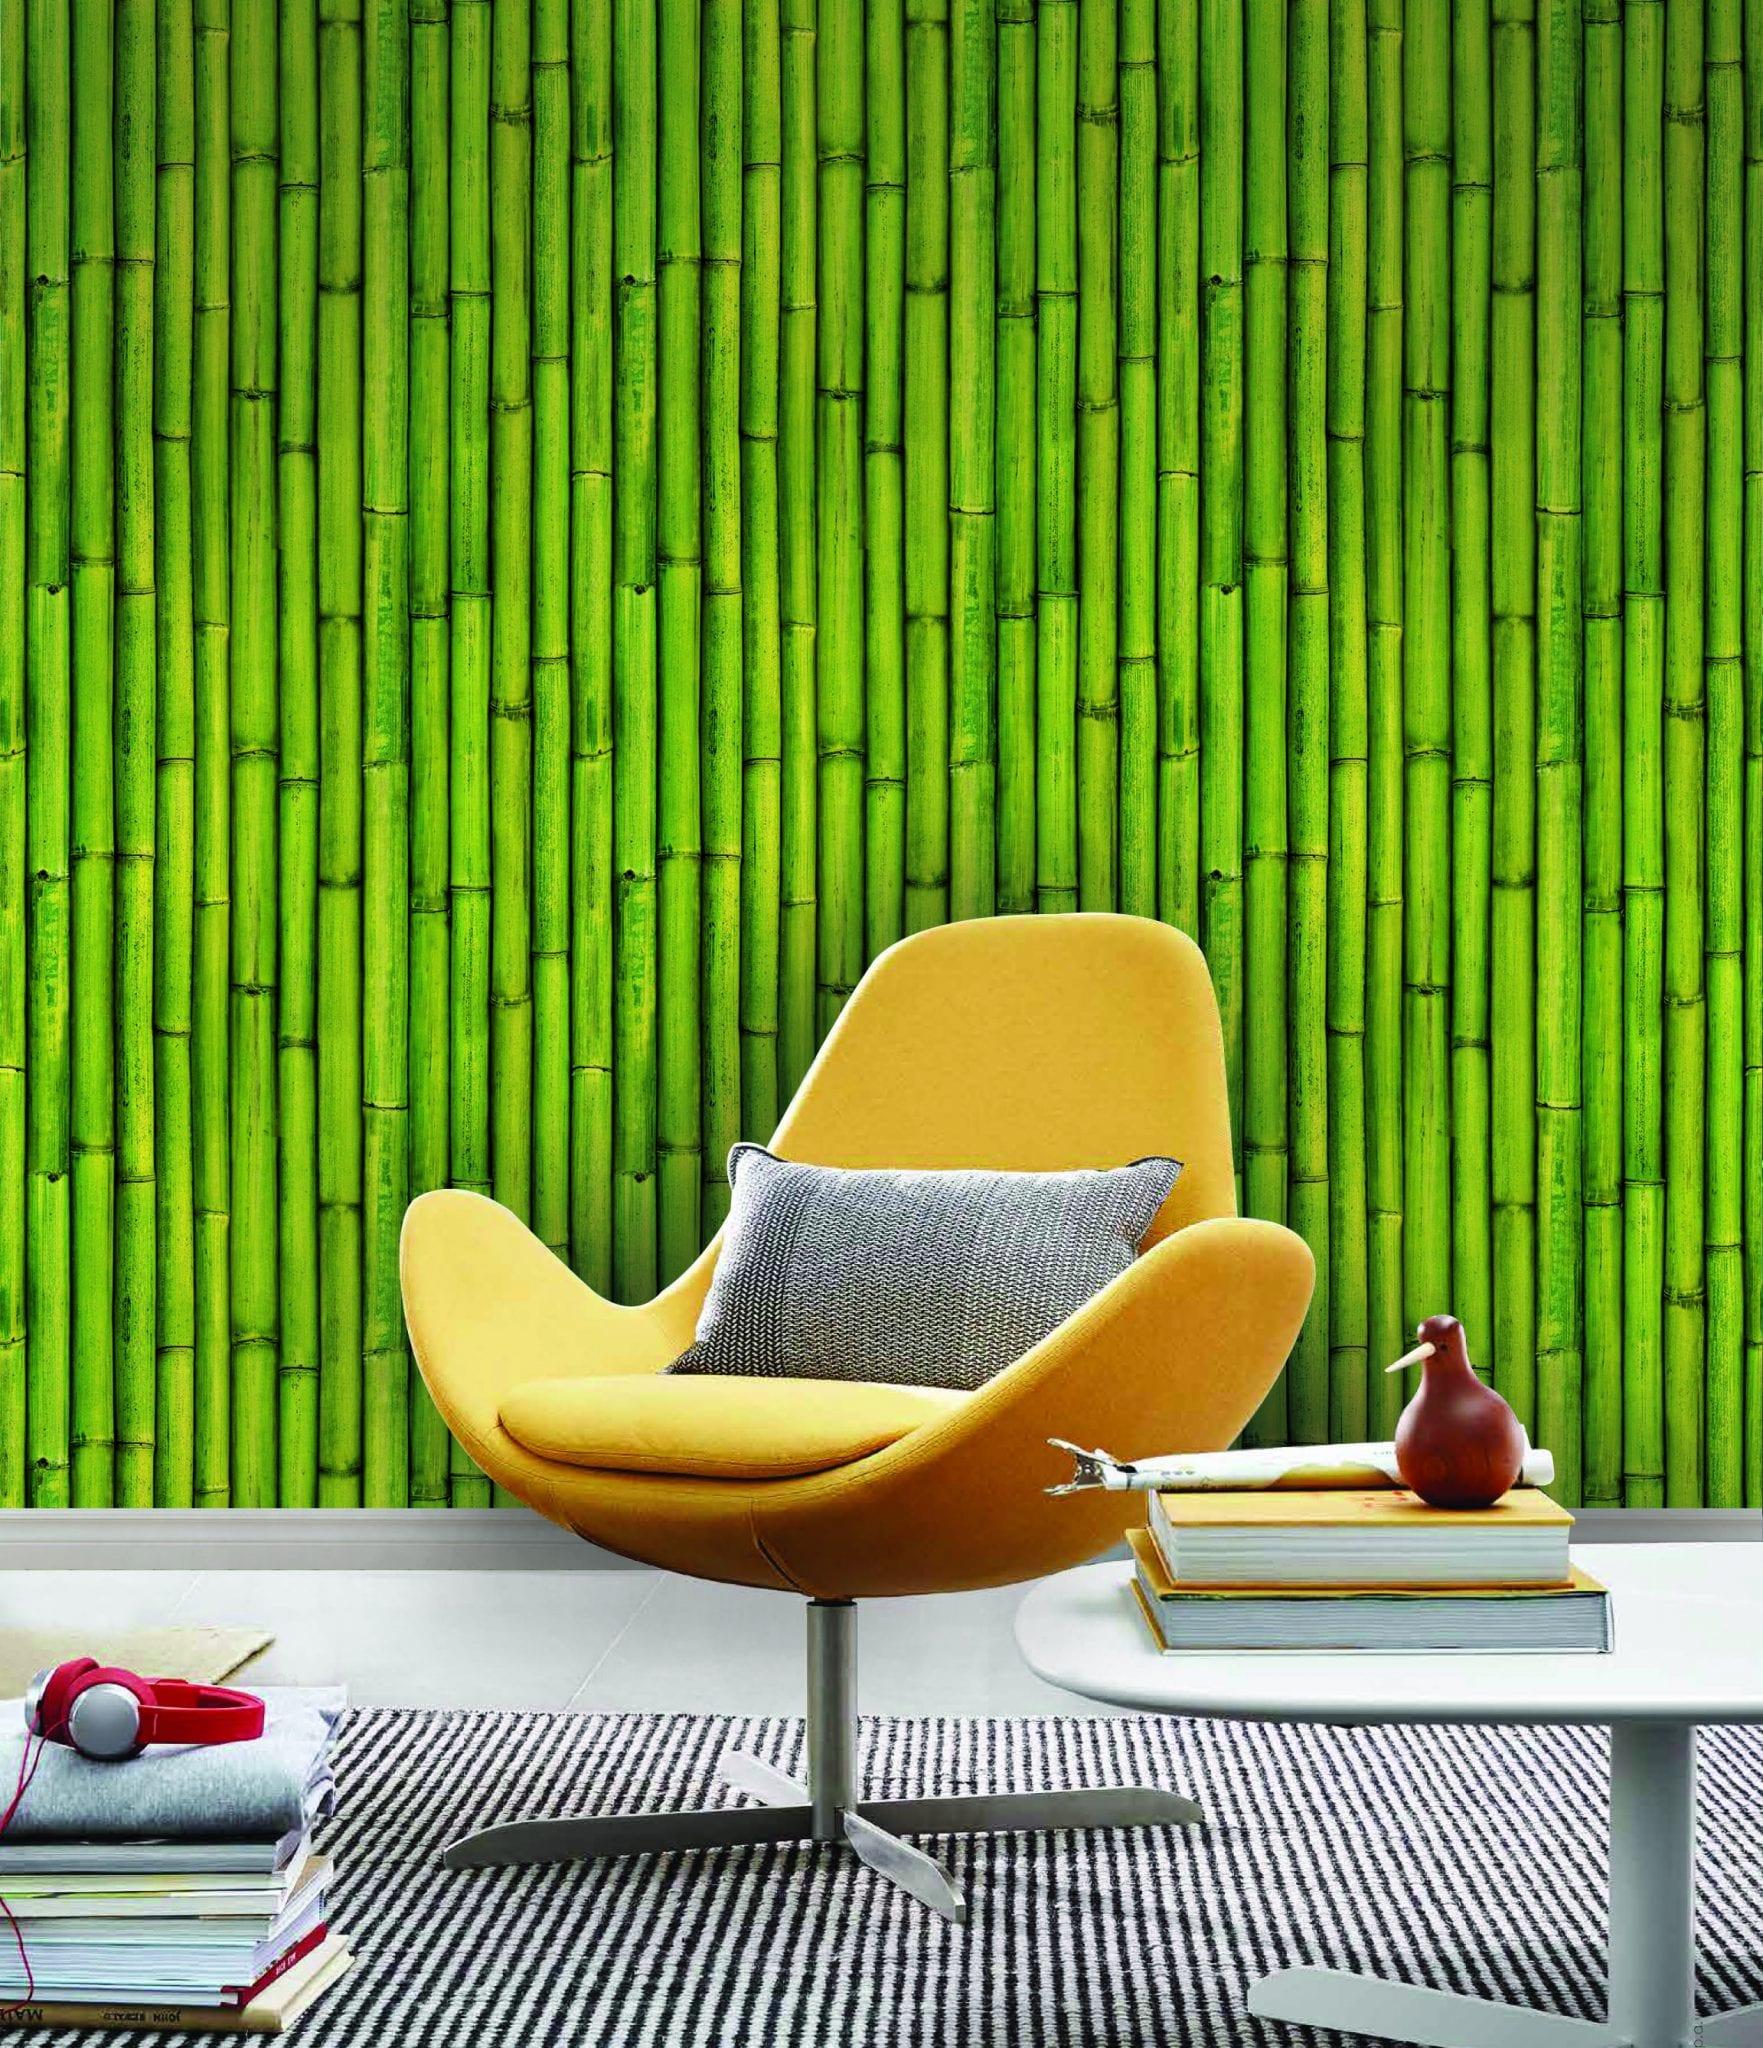 Papel mural vinilizado zen bamboo 3476 1 cinthiasa for Papel mural autoadhesivo santiago